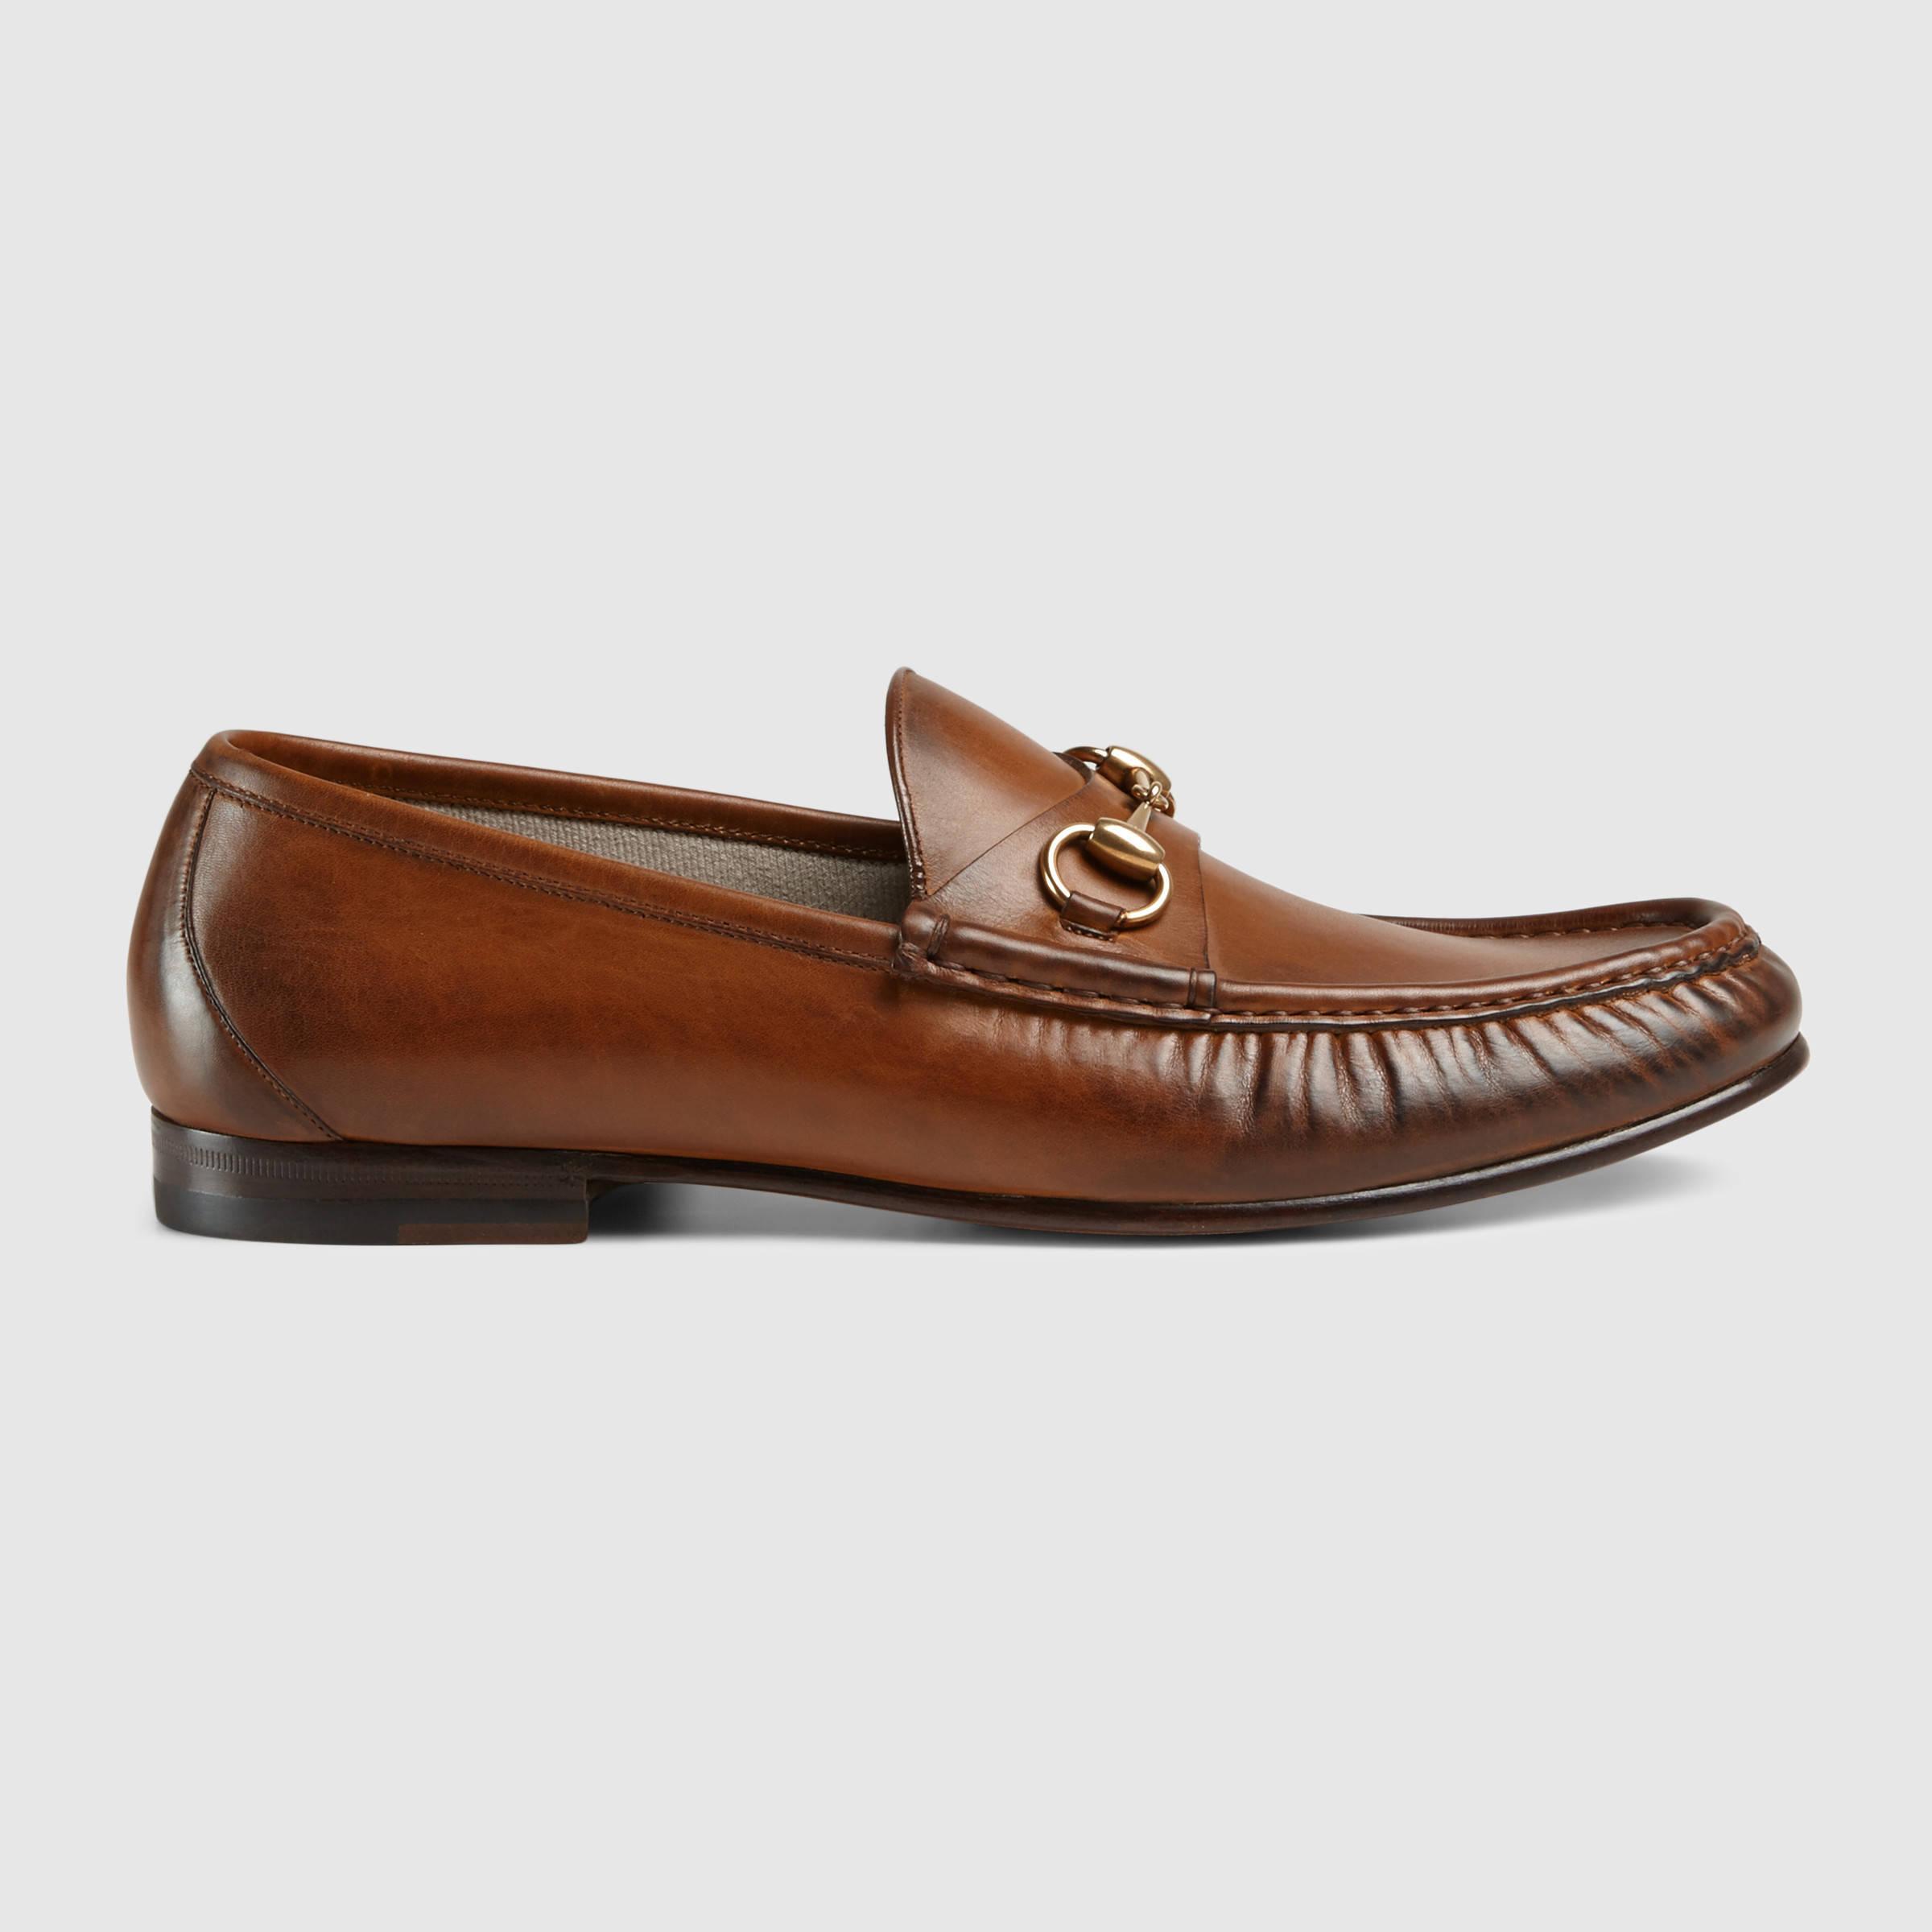 gucci 1953 horsebit leather loafer in brown for men lyst. Black Bedroom Furniture Sets. Home Design Ideas